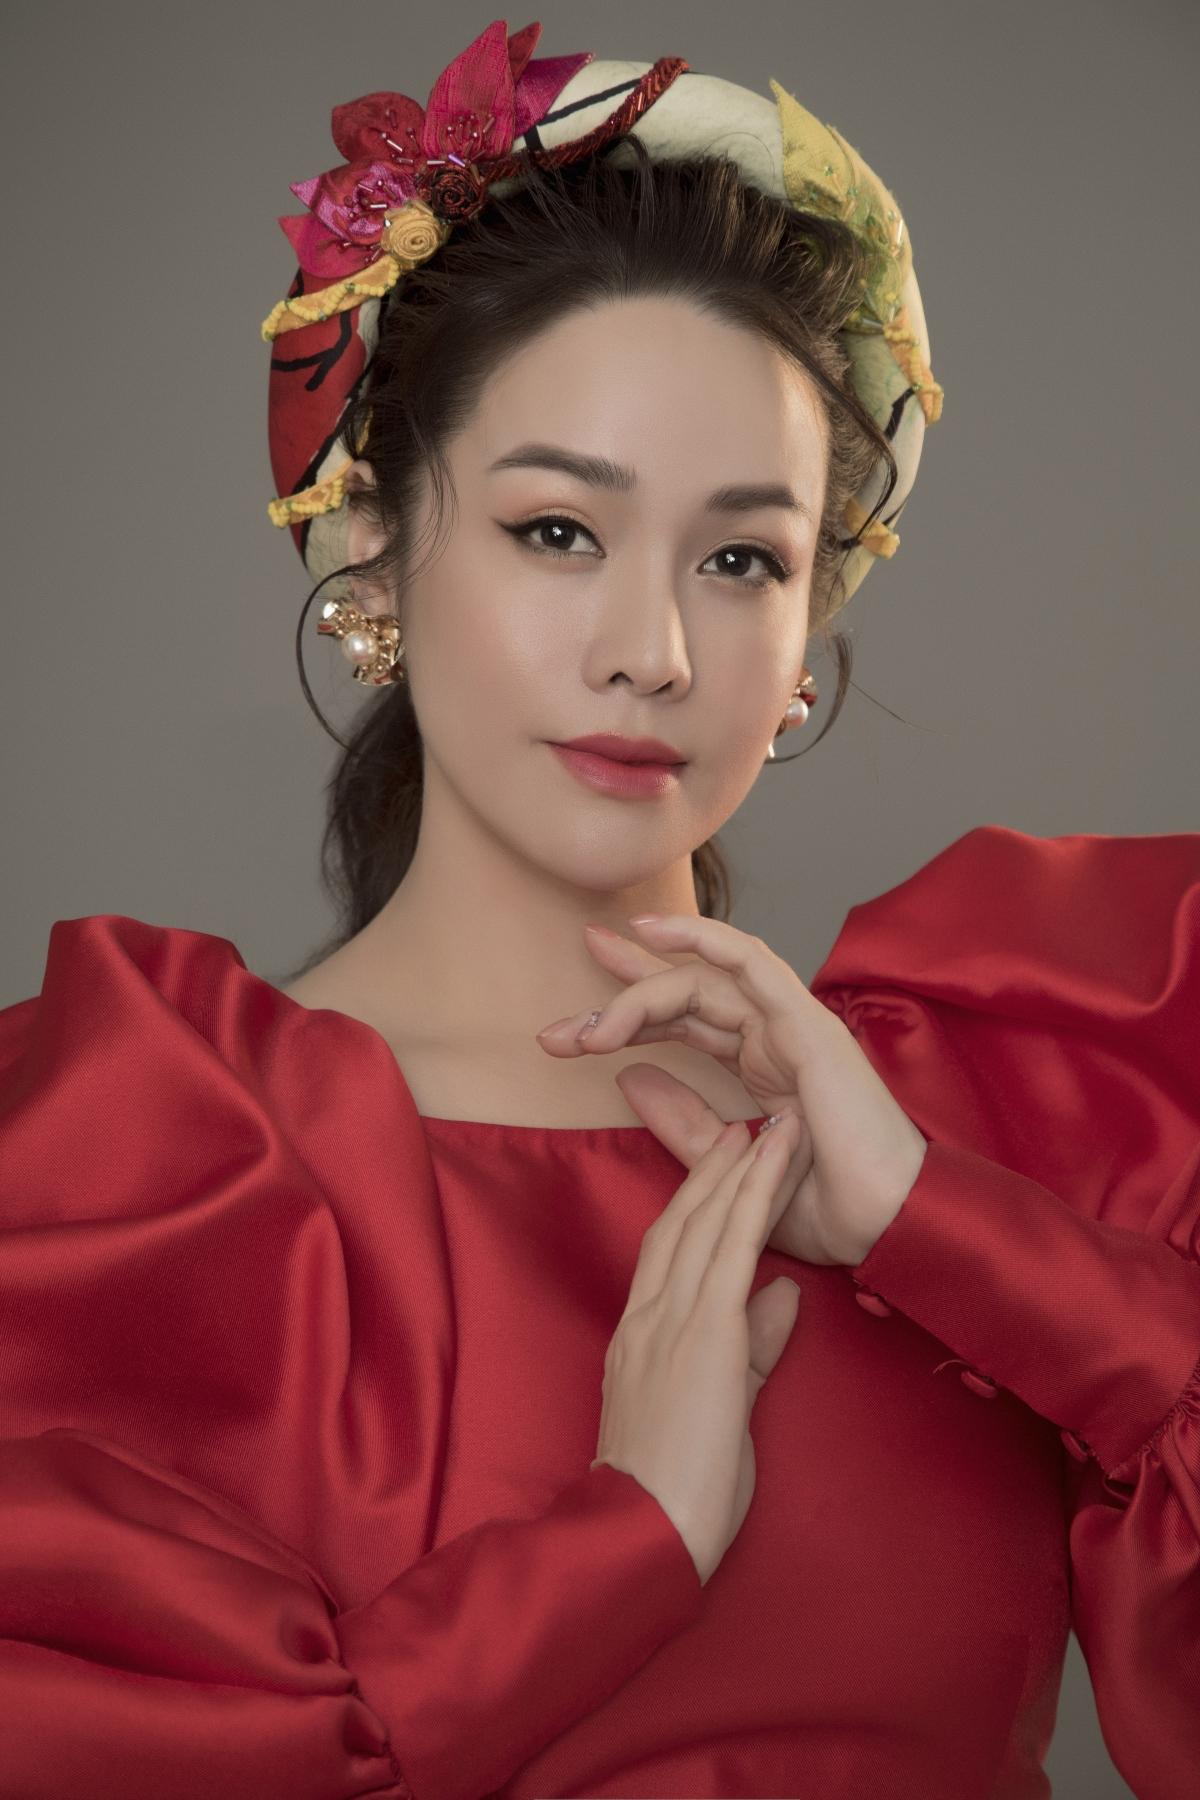 Trong suốt nhiều năm hoạt động nghệ thuật, bên cạnh các sản phẩm âm nhạc thì Nhật Kim Anh còn ghi dấu với những vai diễn đình đám.